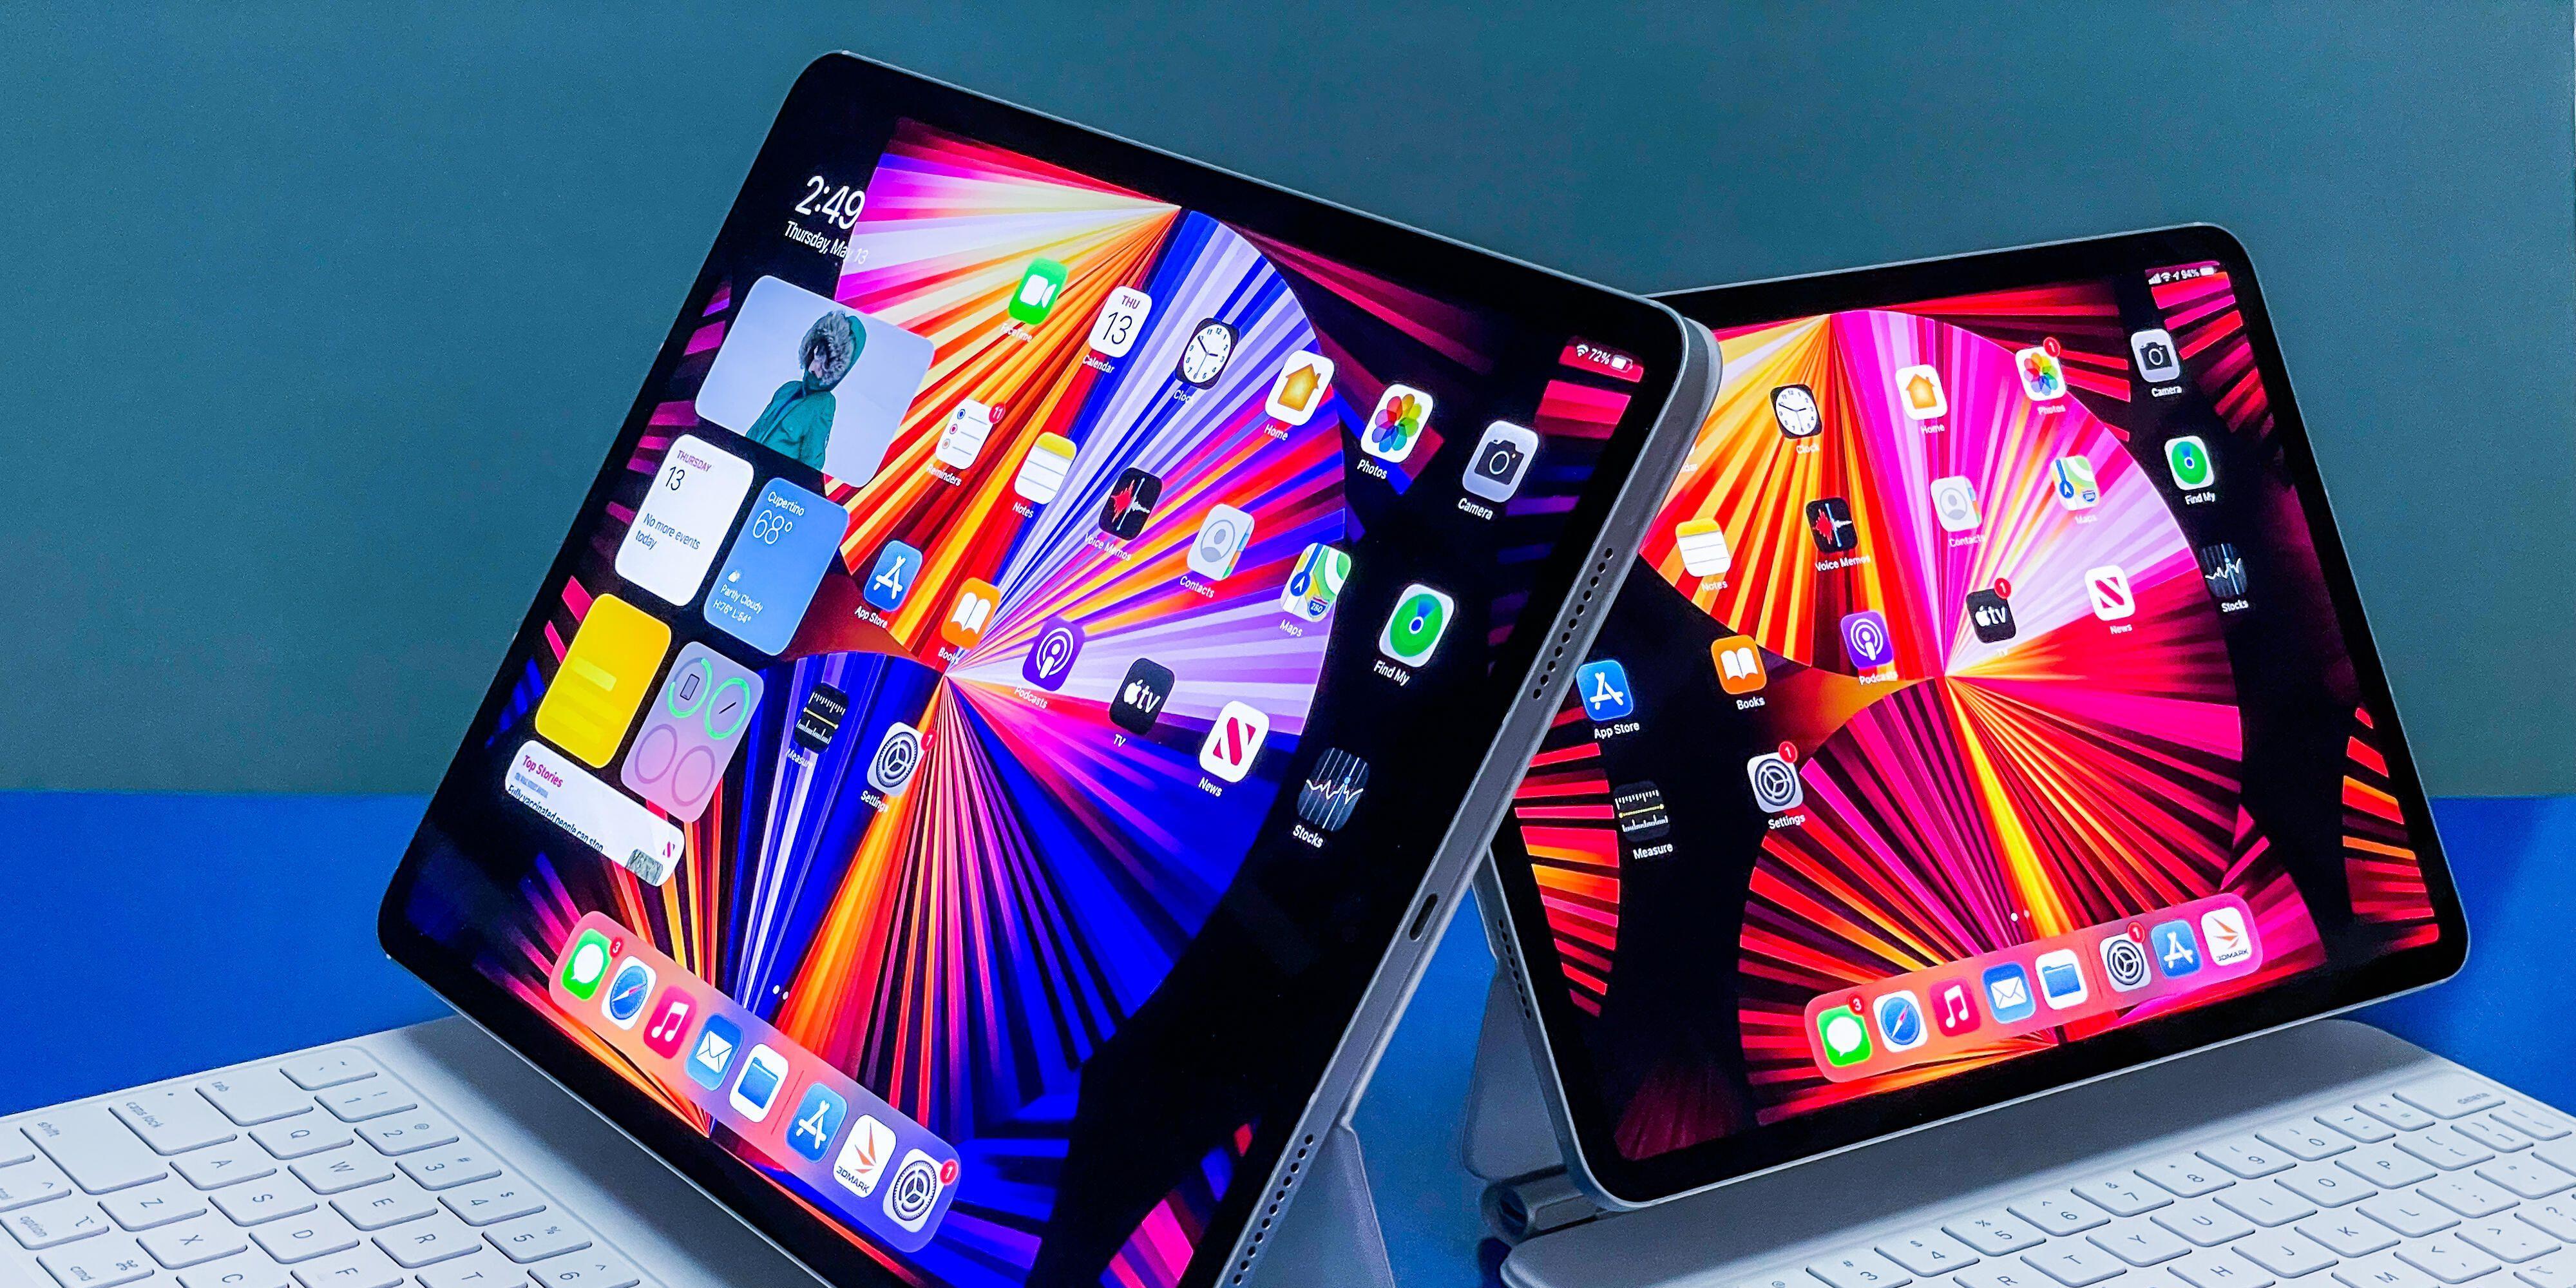 Jobb kamerákkal és kijelzőkkel jönnek idén új iPadek